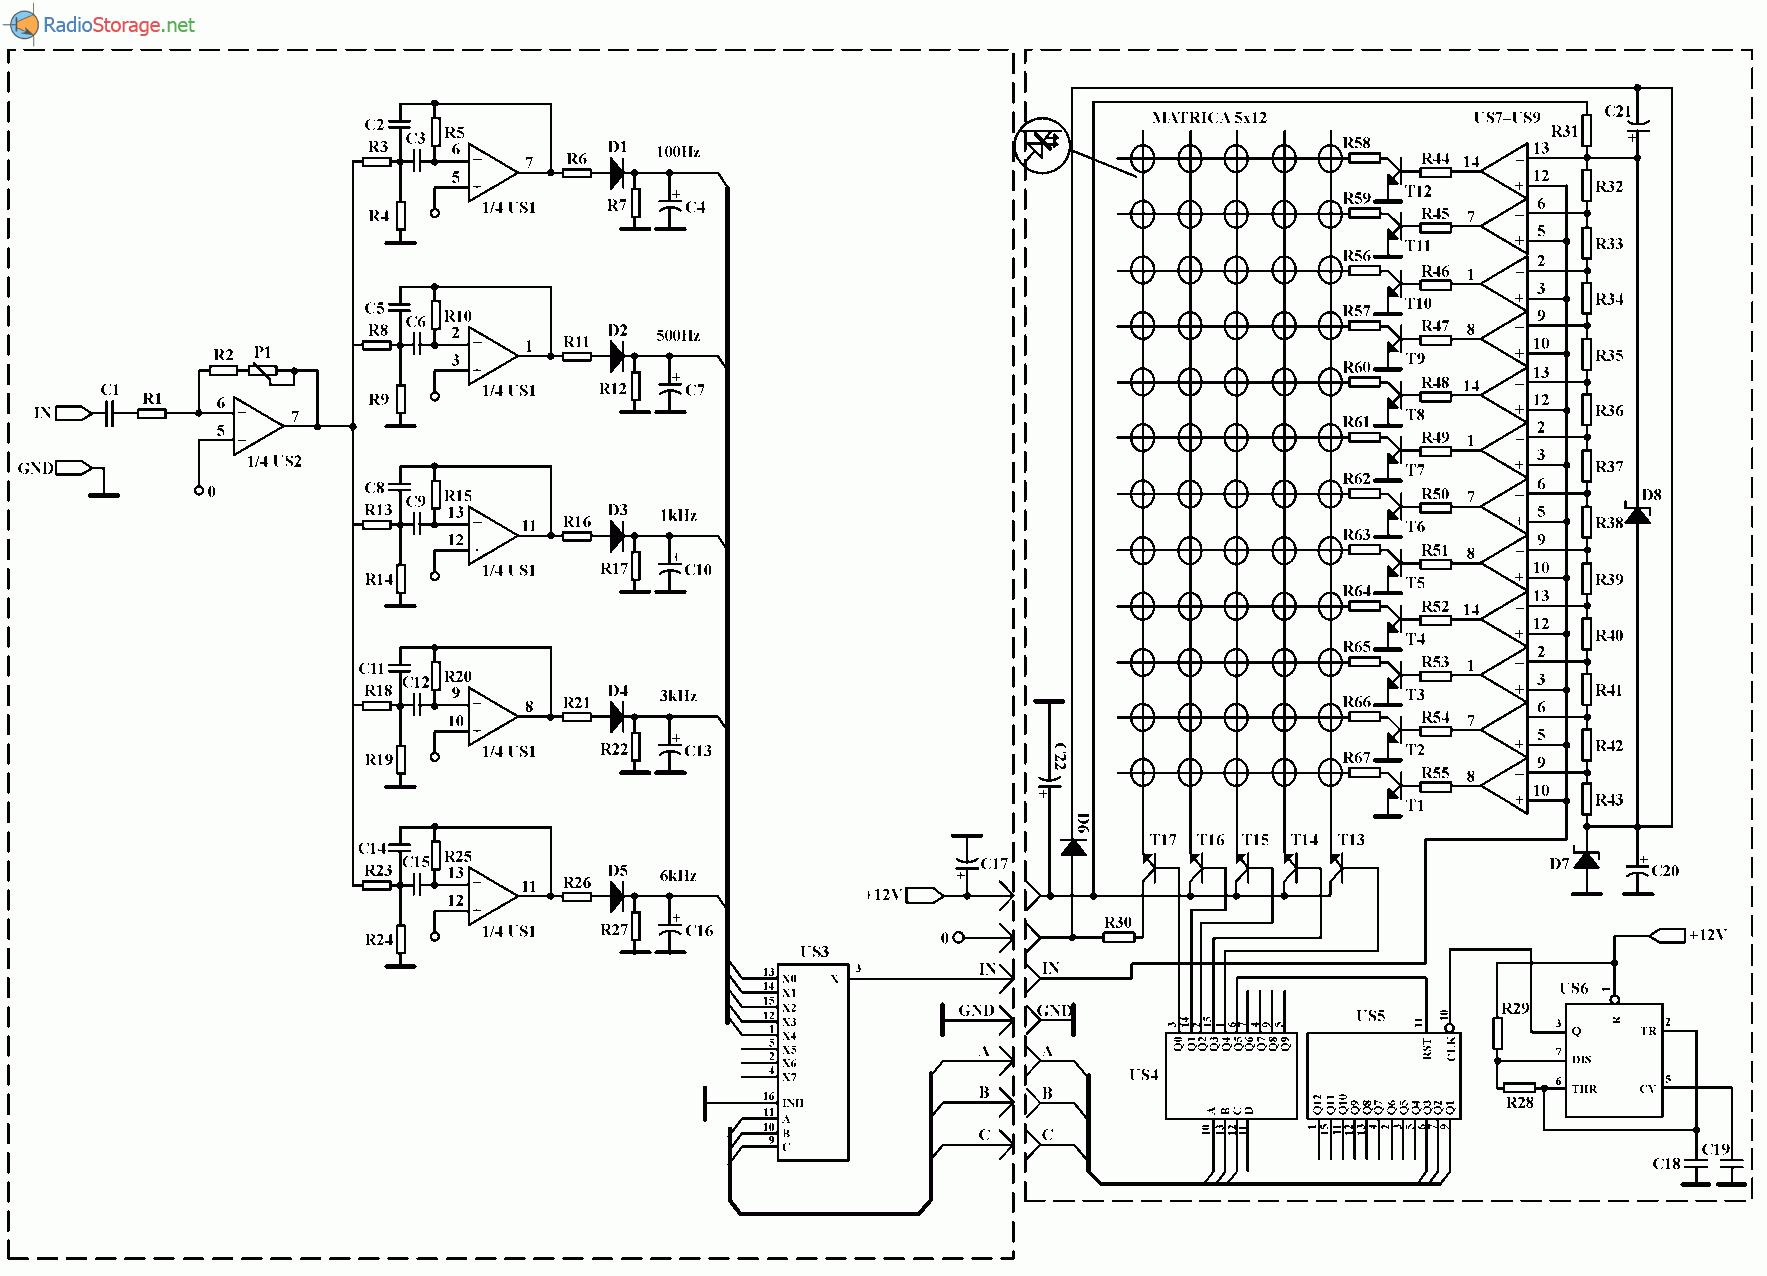 Анализатор спектра (100 Гц, 500 Гц, 1 кГц, 3 кГц и 8 кГц), схема